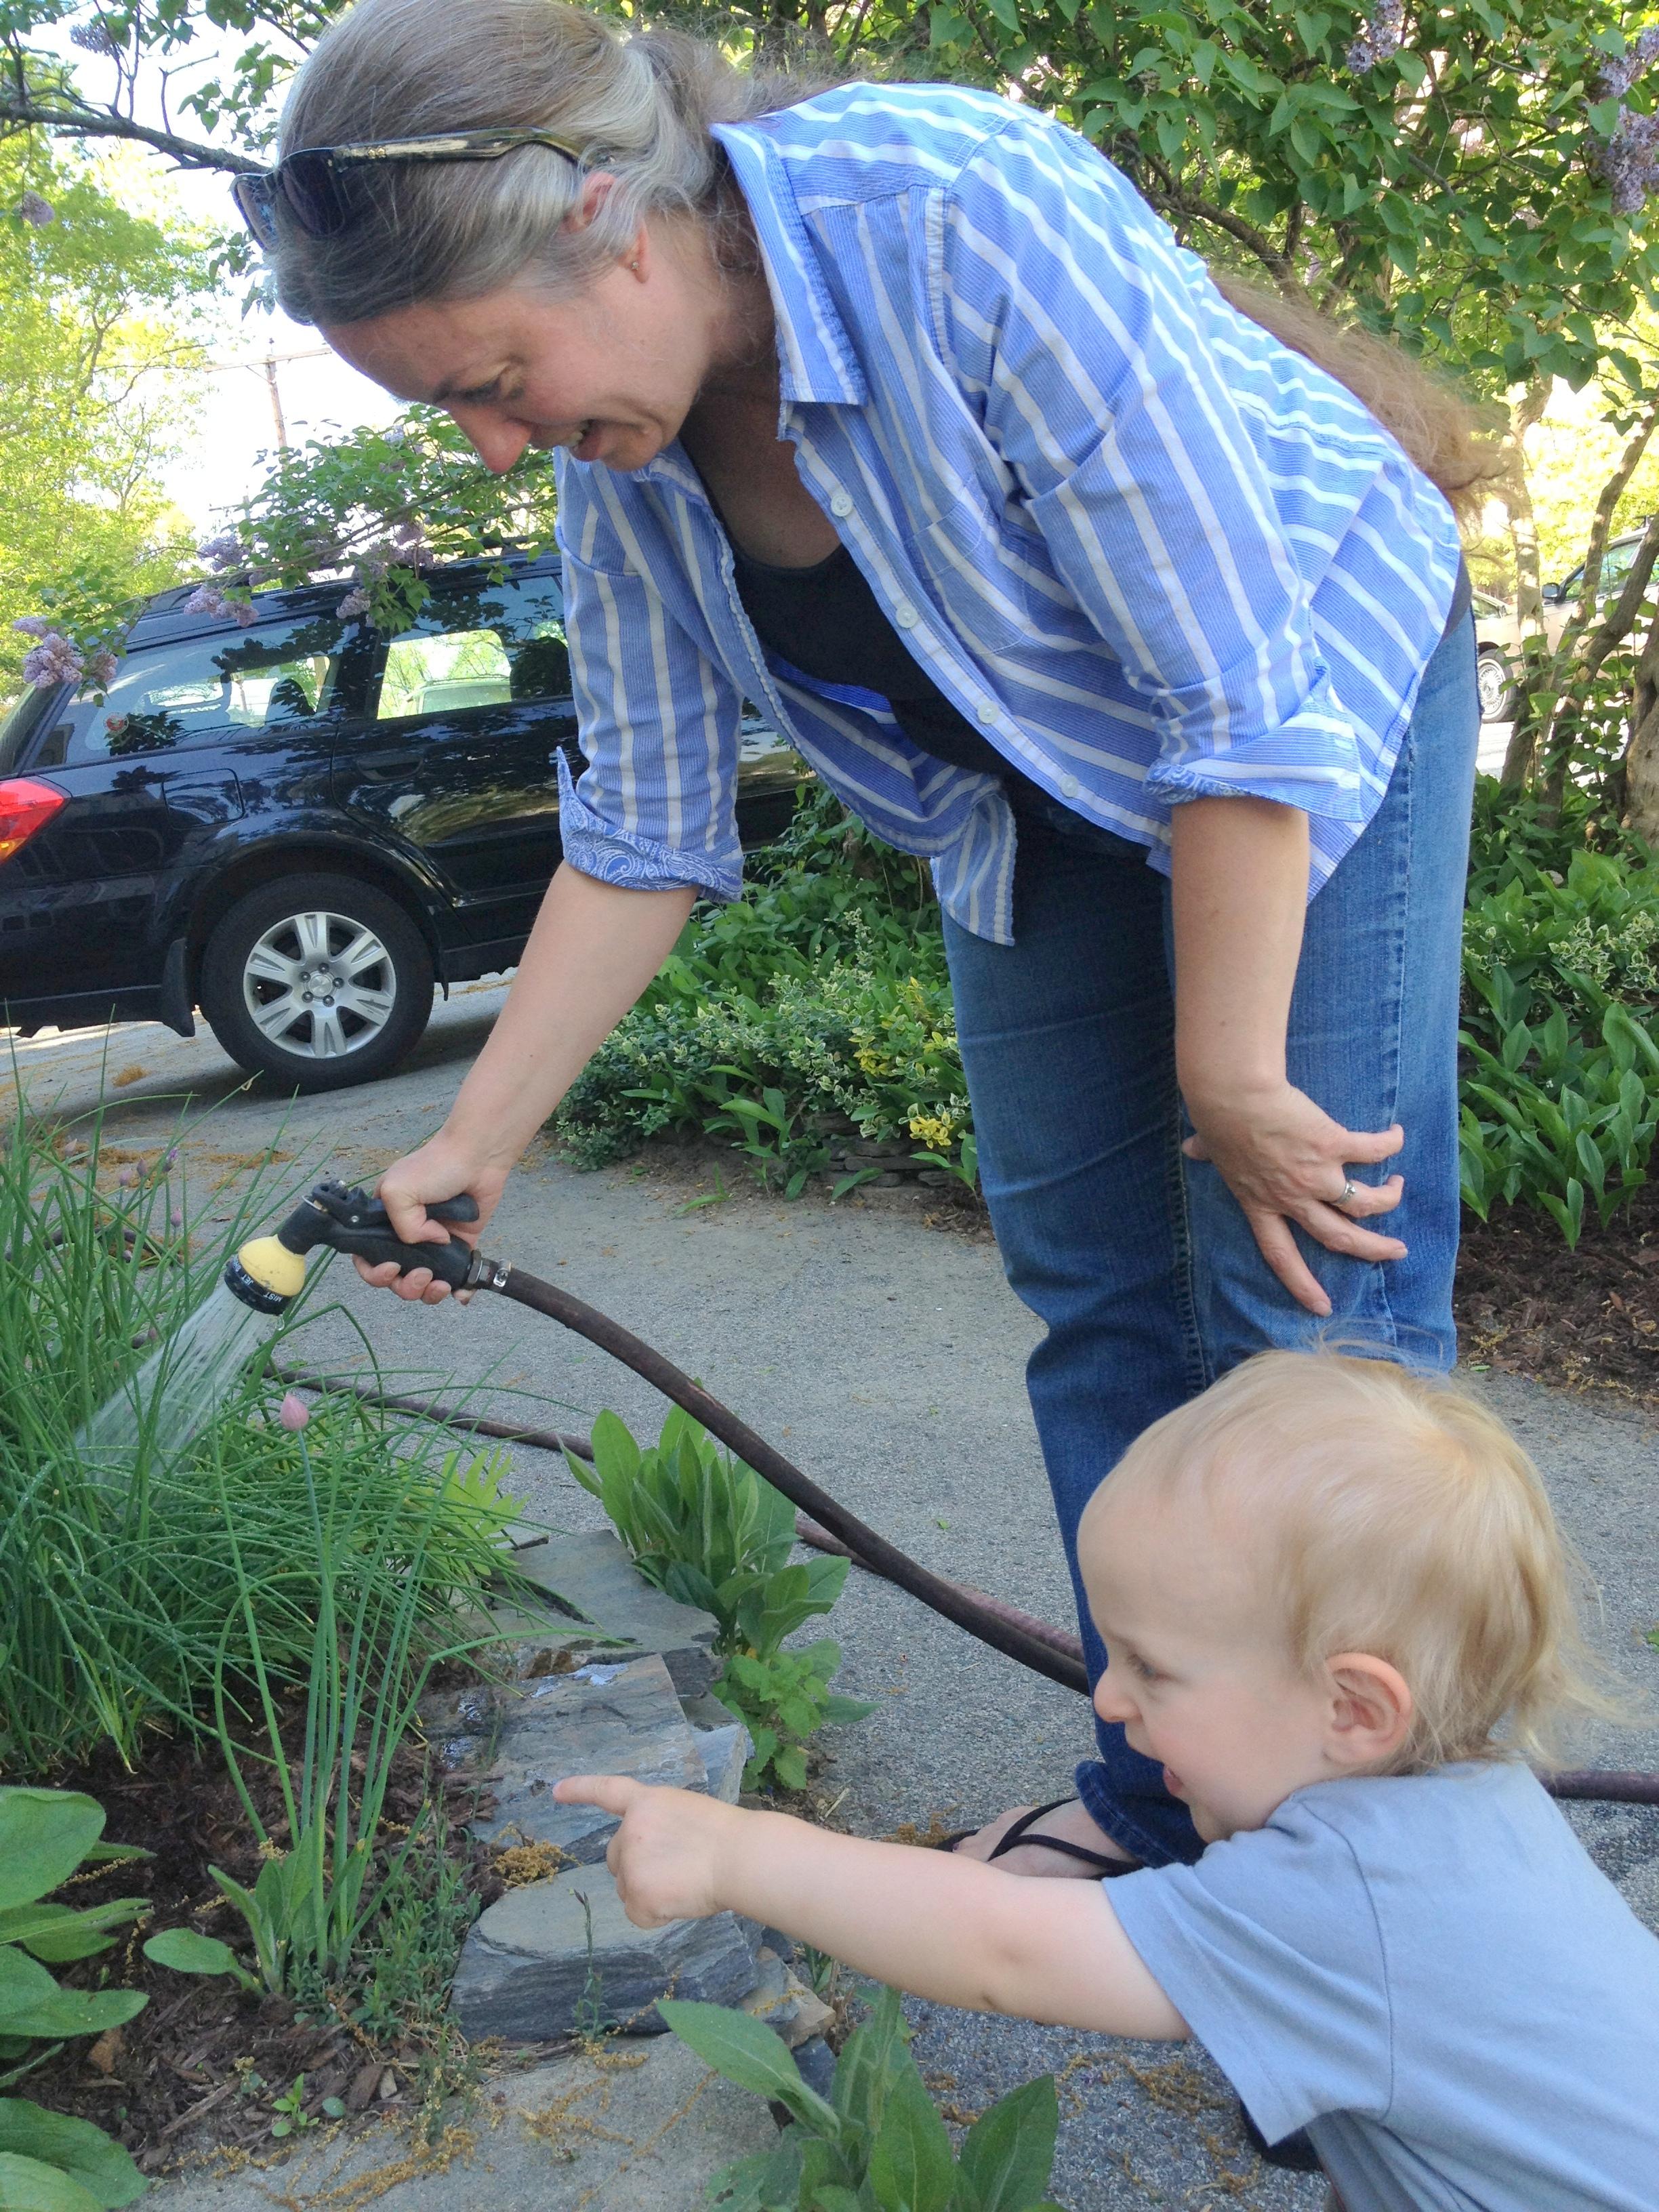 My grandson, Elias, helping me water my flowers